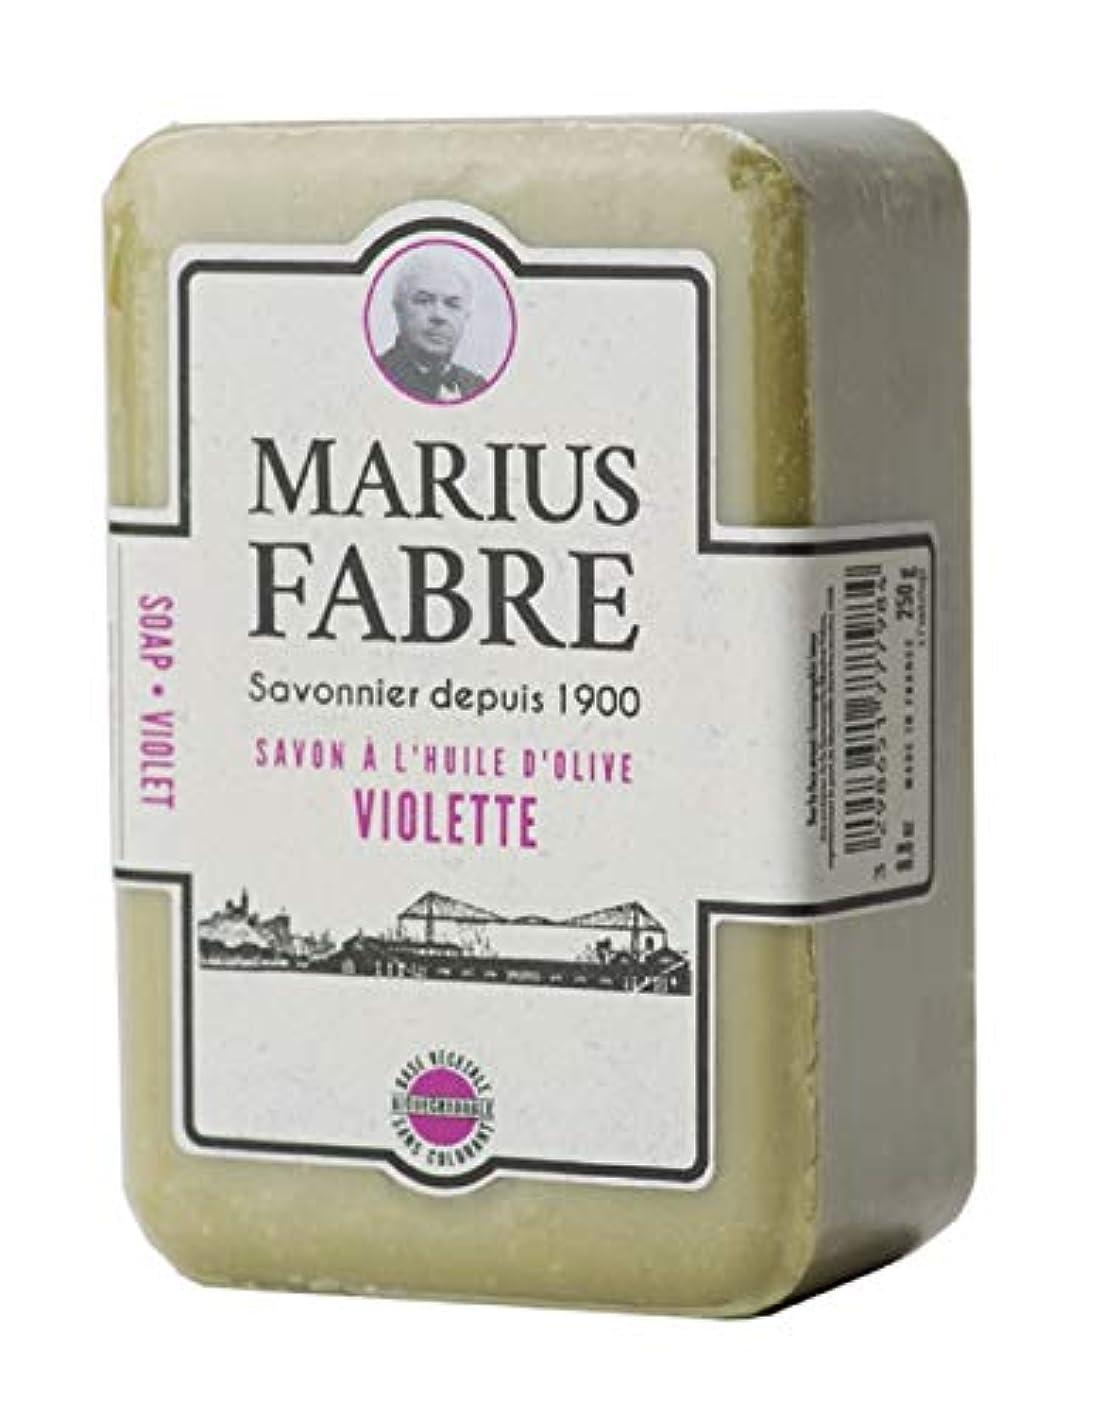 誇りに思う極小誤サボンドマルセイユ 1900 バイオレット 250g